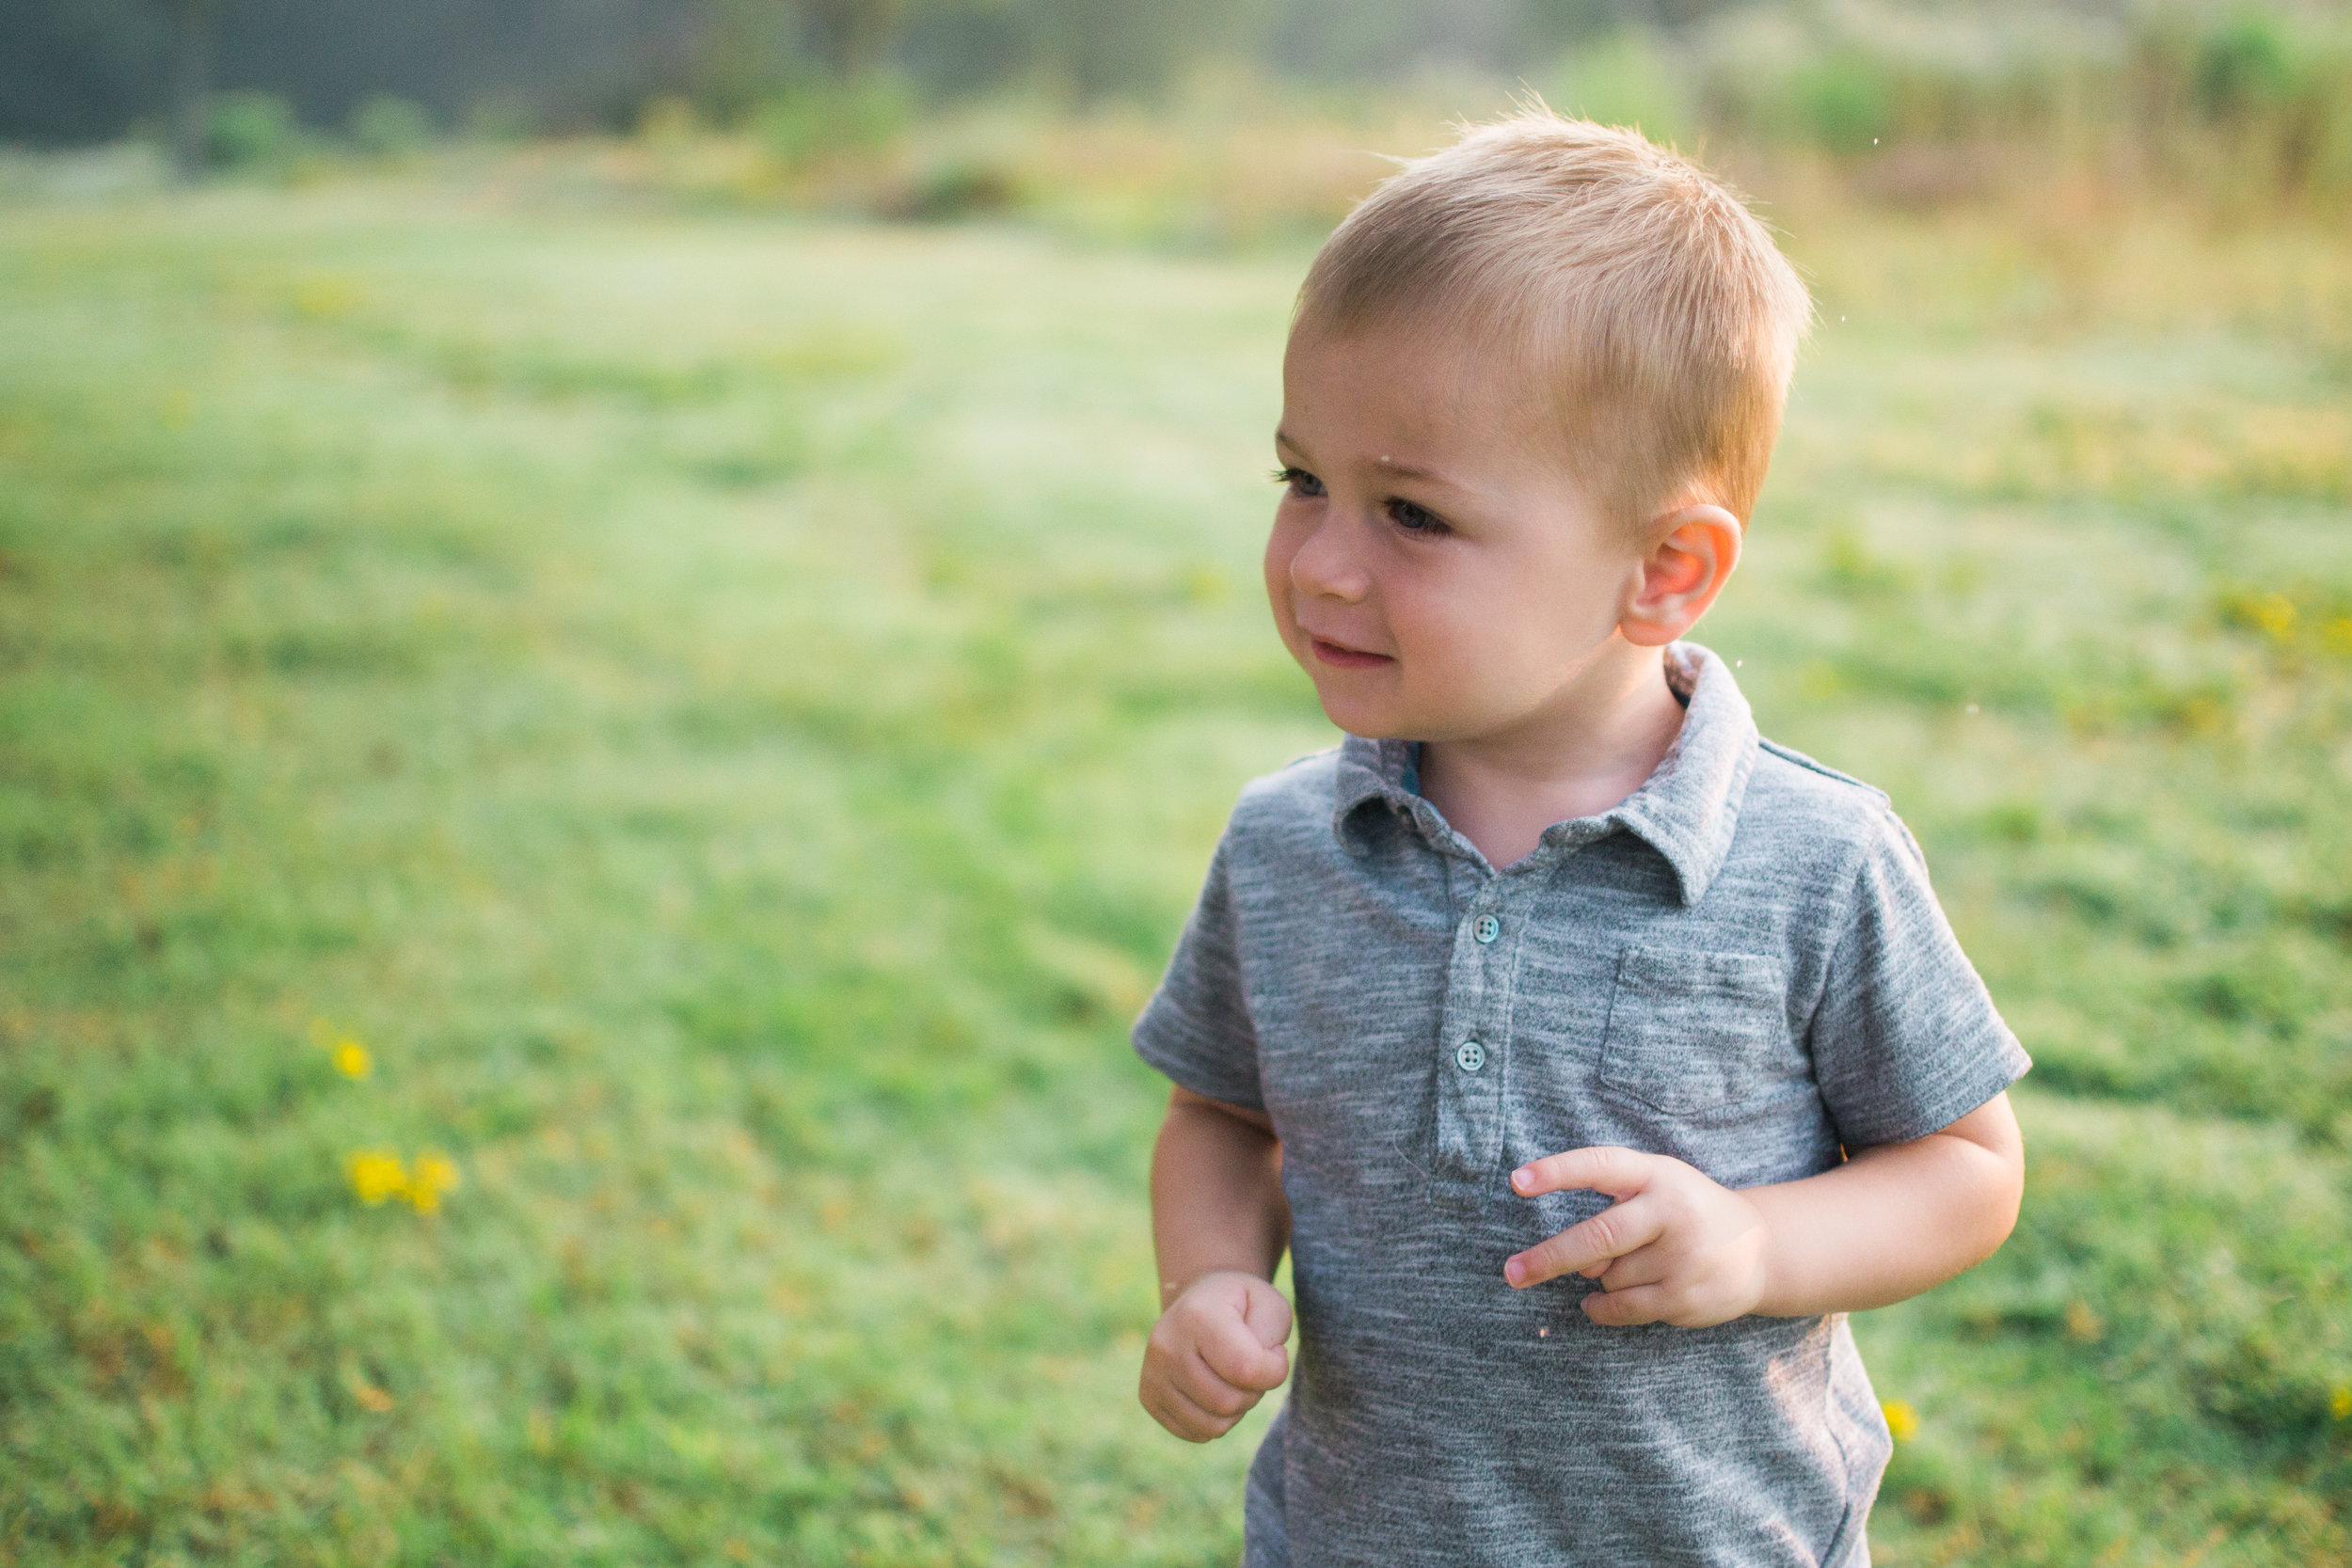 Oscar Paul, 2 Years Old